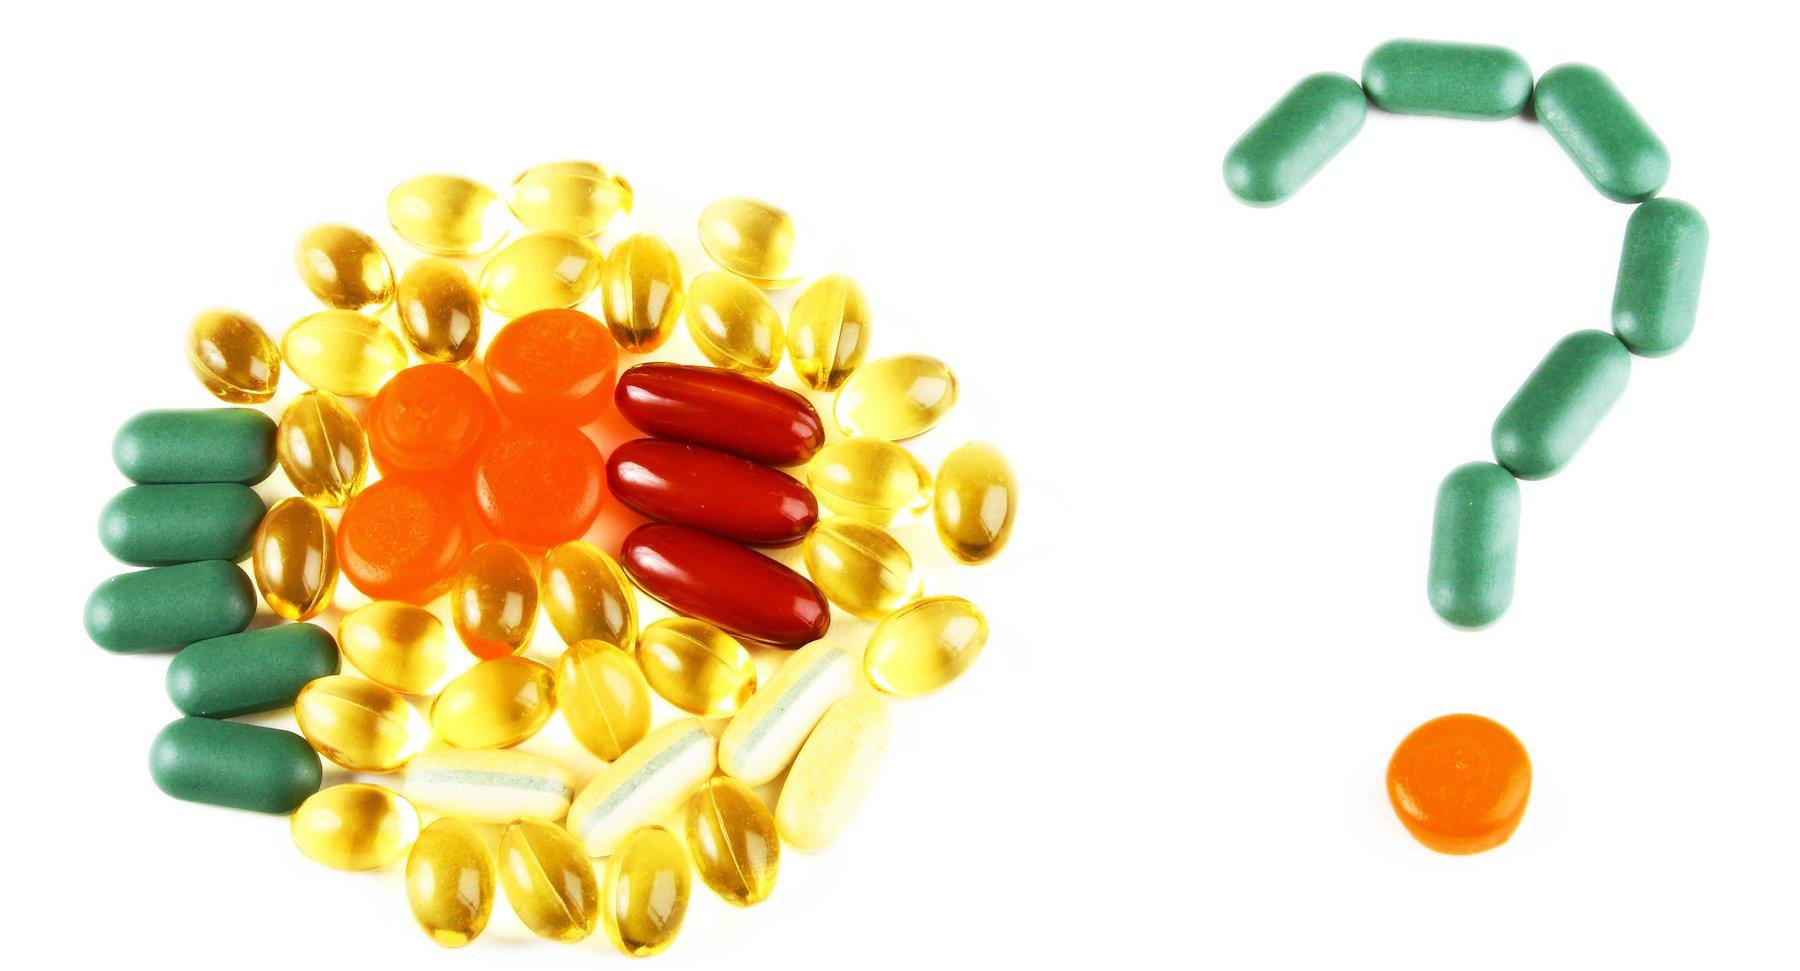 Antibiotics and Autism, too